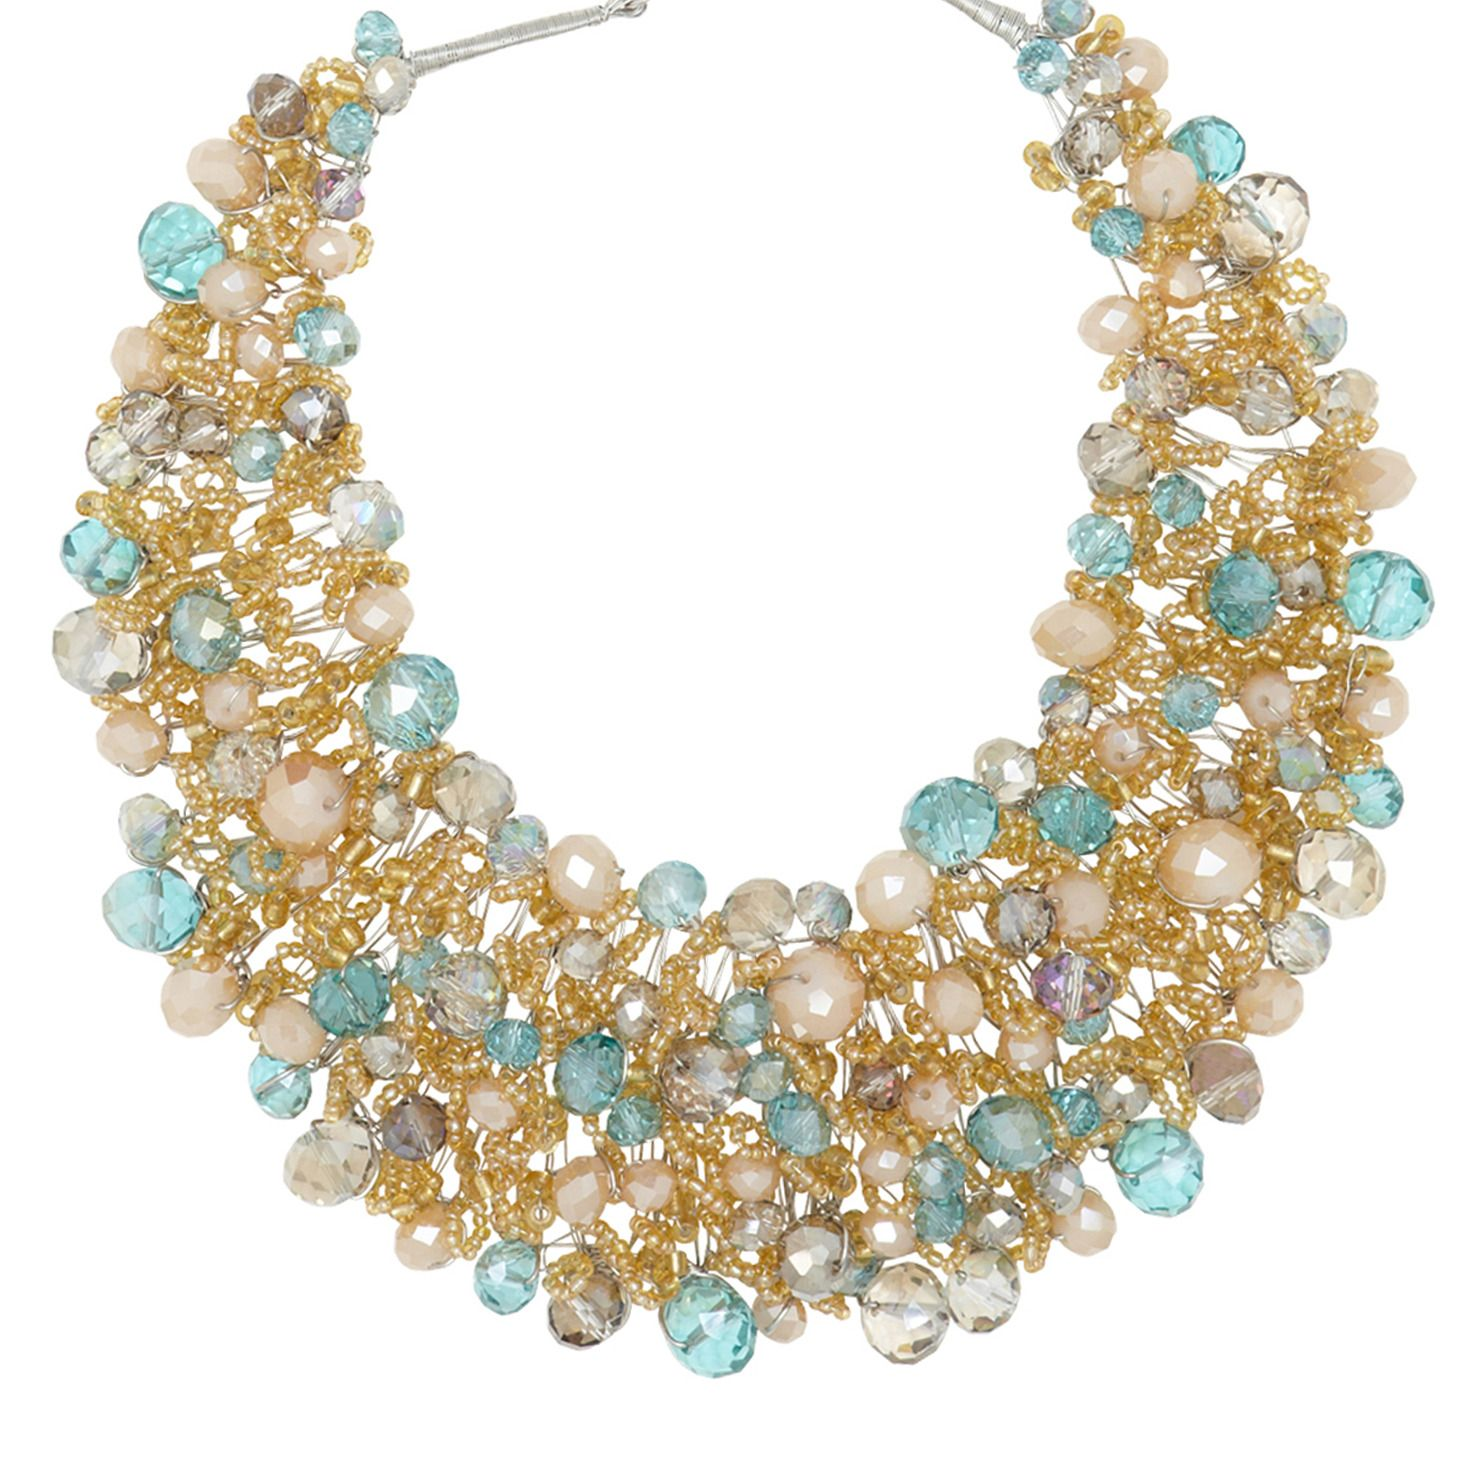 d615a56d0 HARMONIE - accessoires's colliers femmes for sale at ALDO Shoes ...